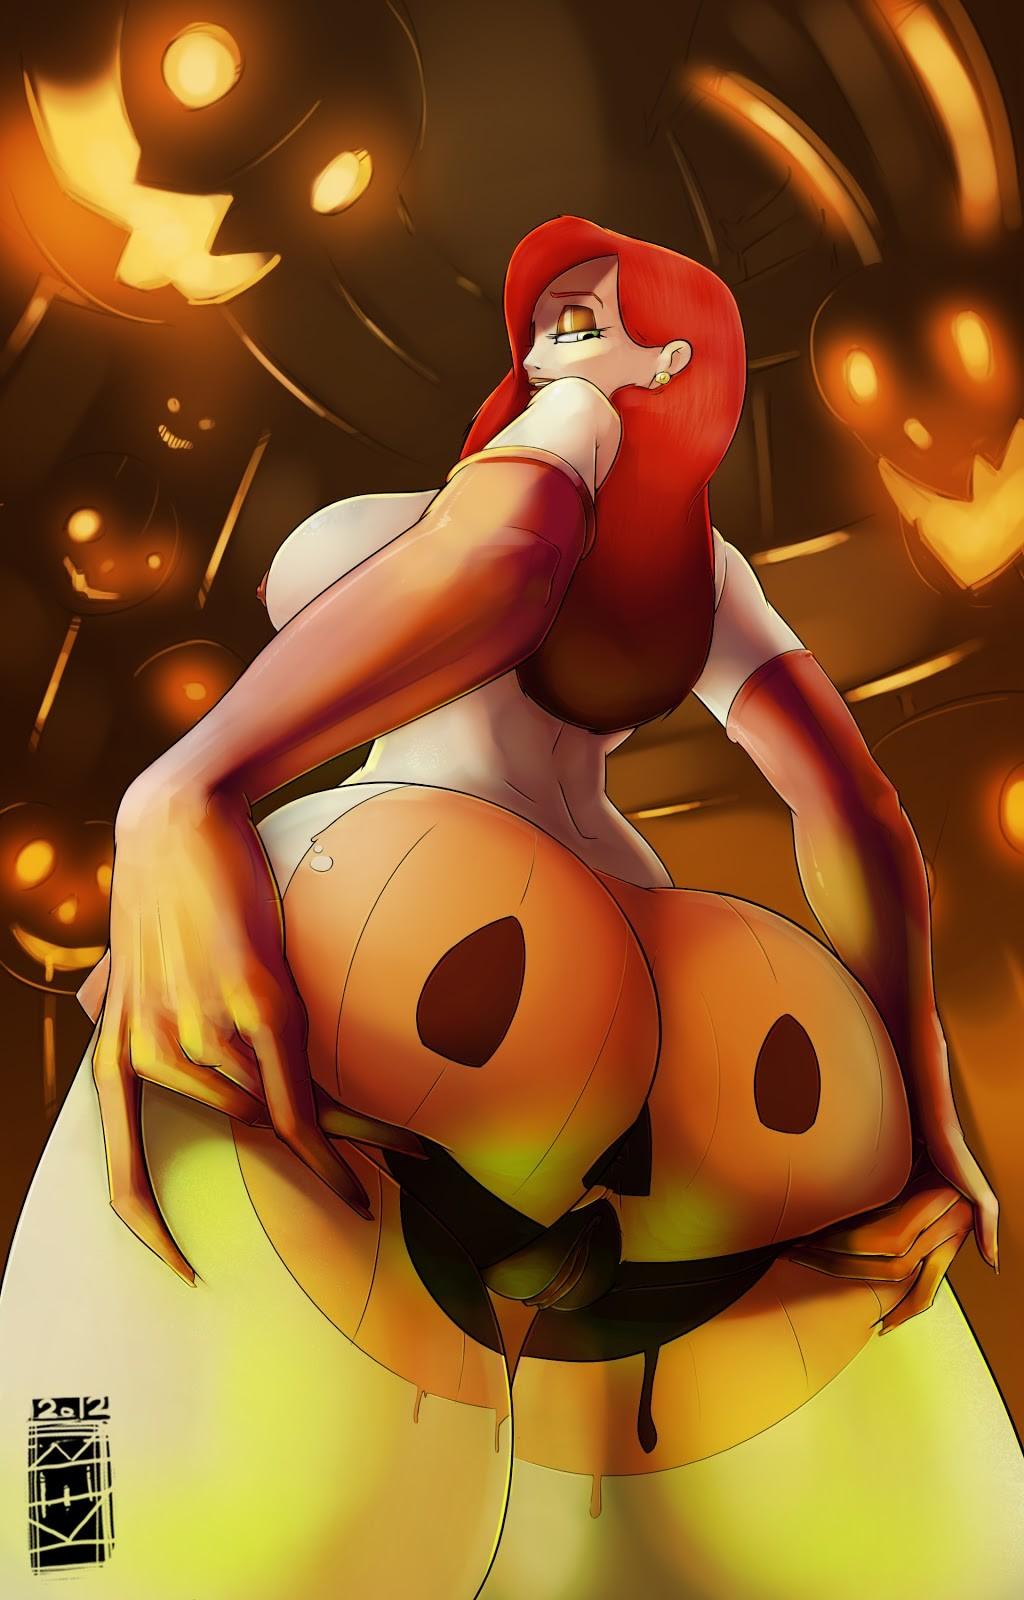 Nude jessica rabbit hentai